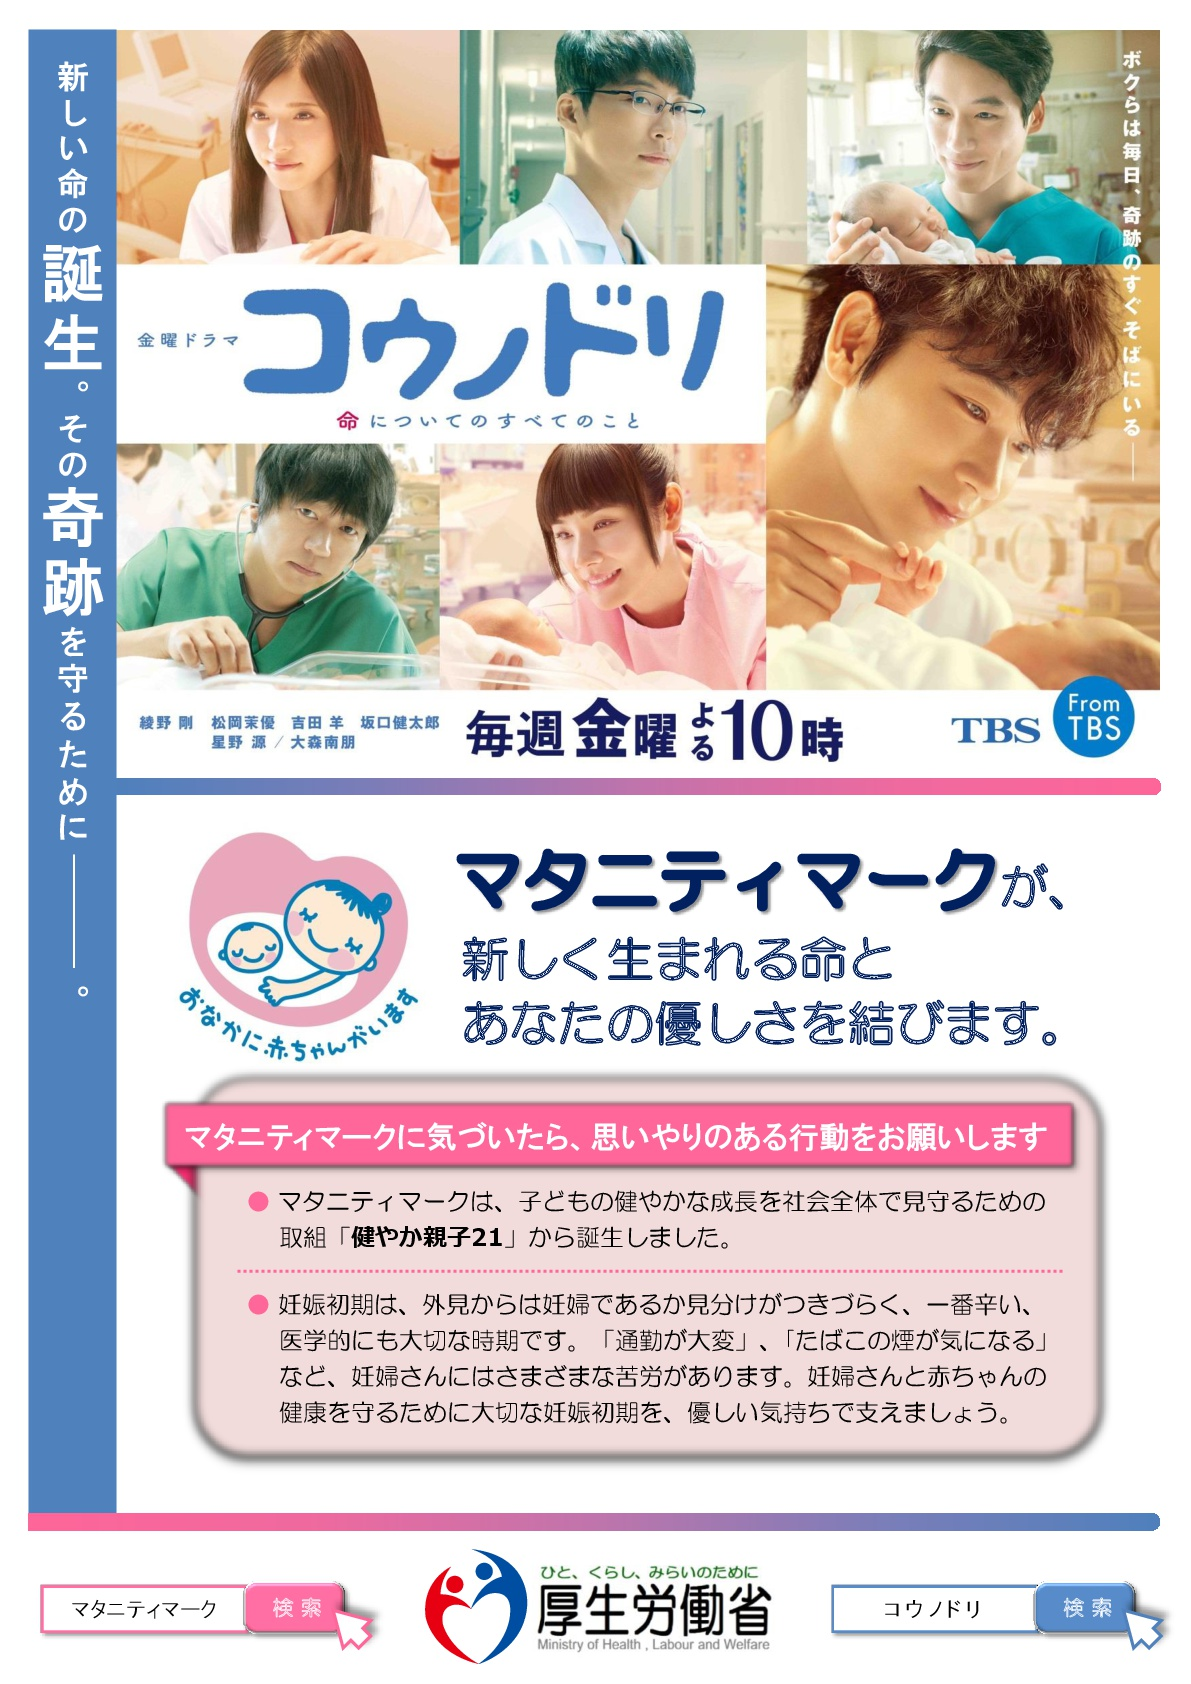 【健やか21】「厚生労働省×コウノドリ」タイアップリーフレット配布中